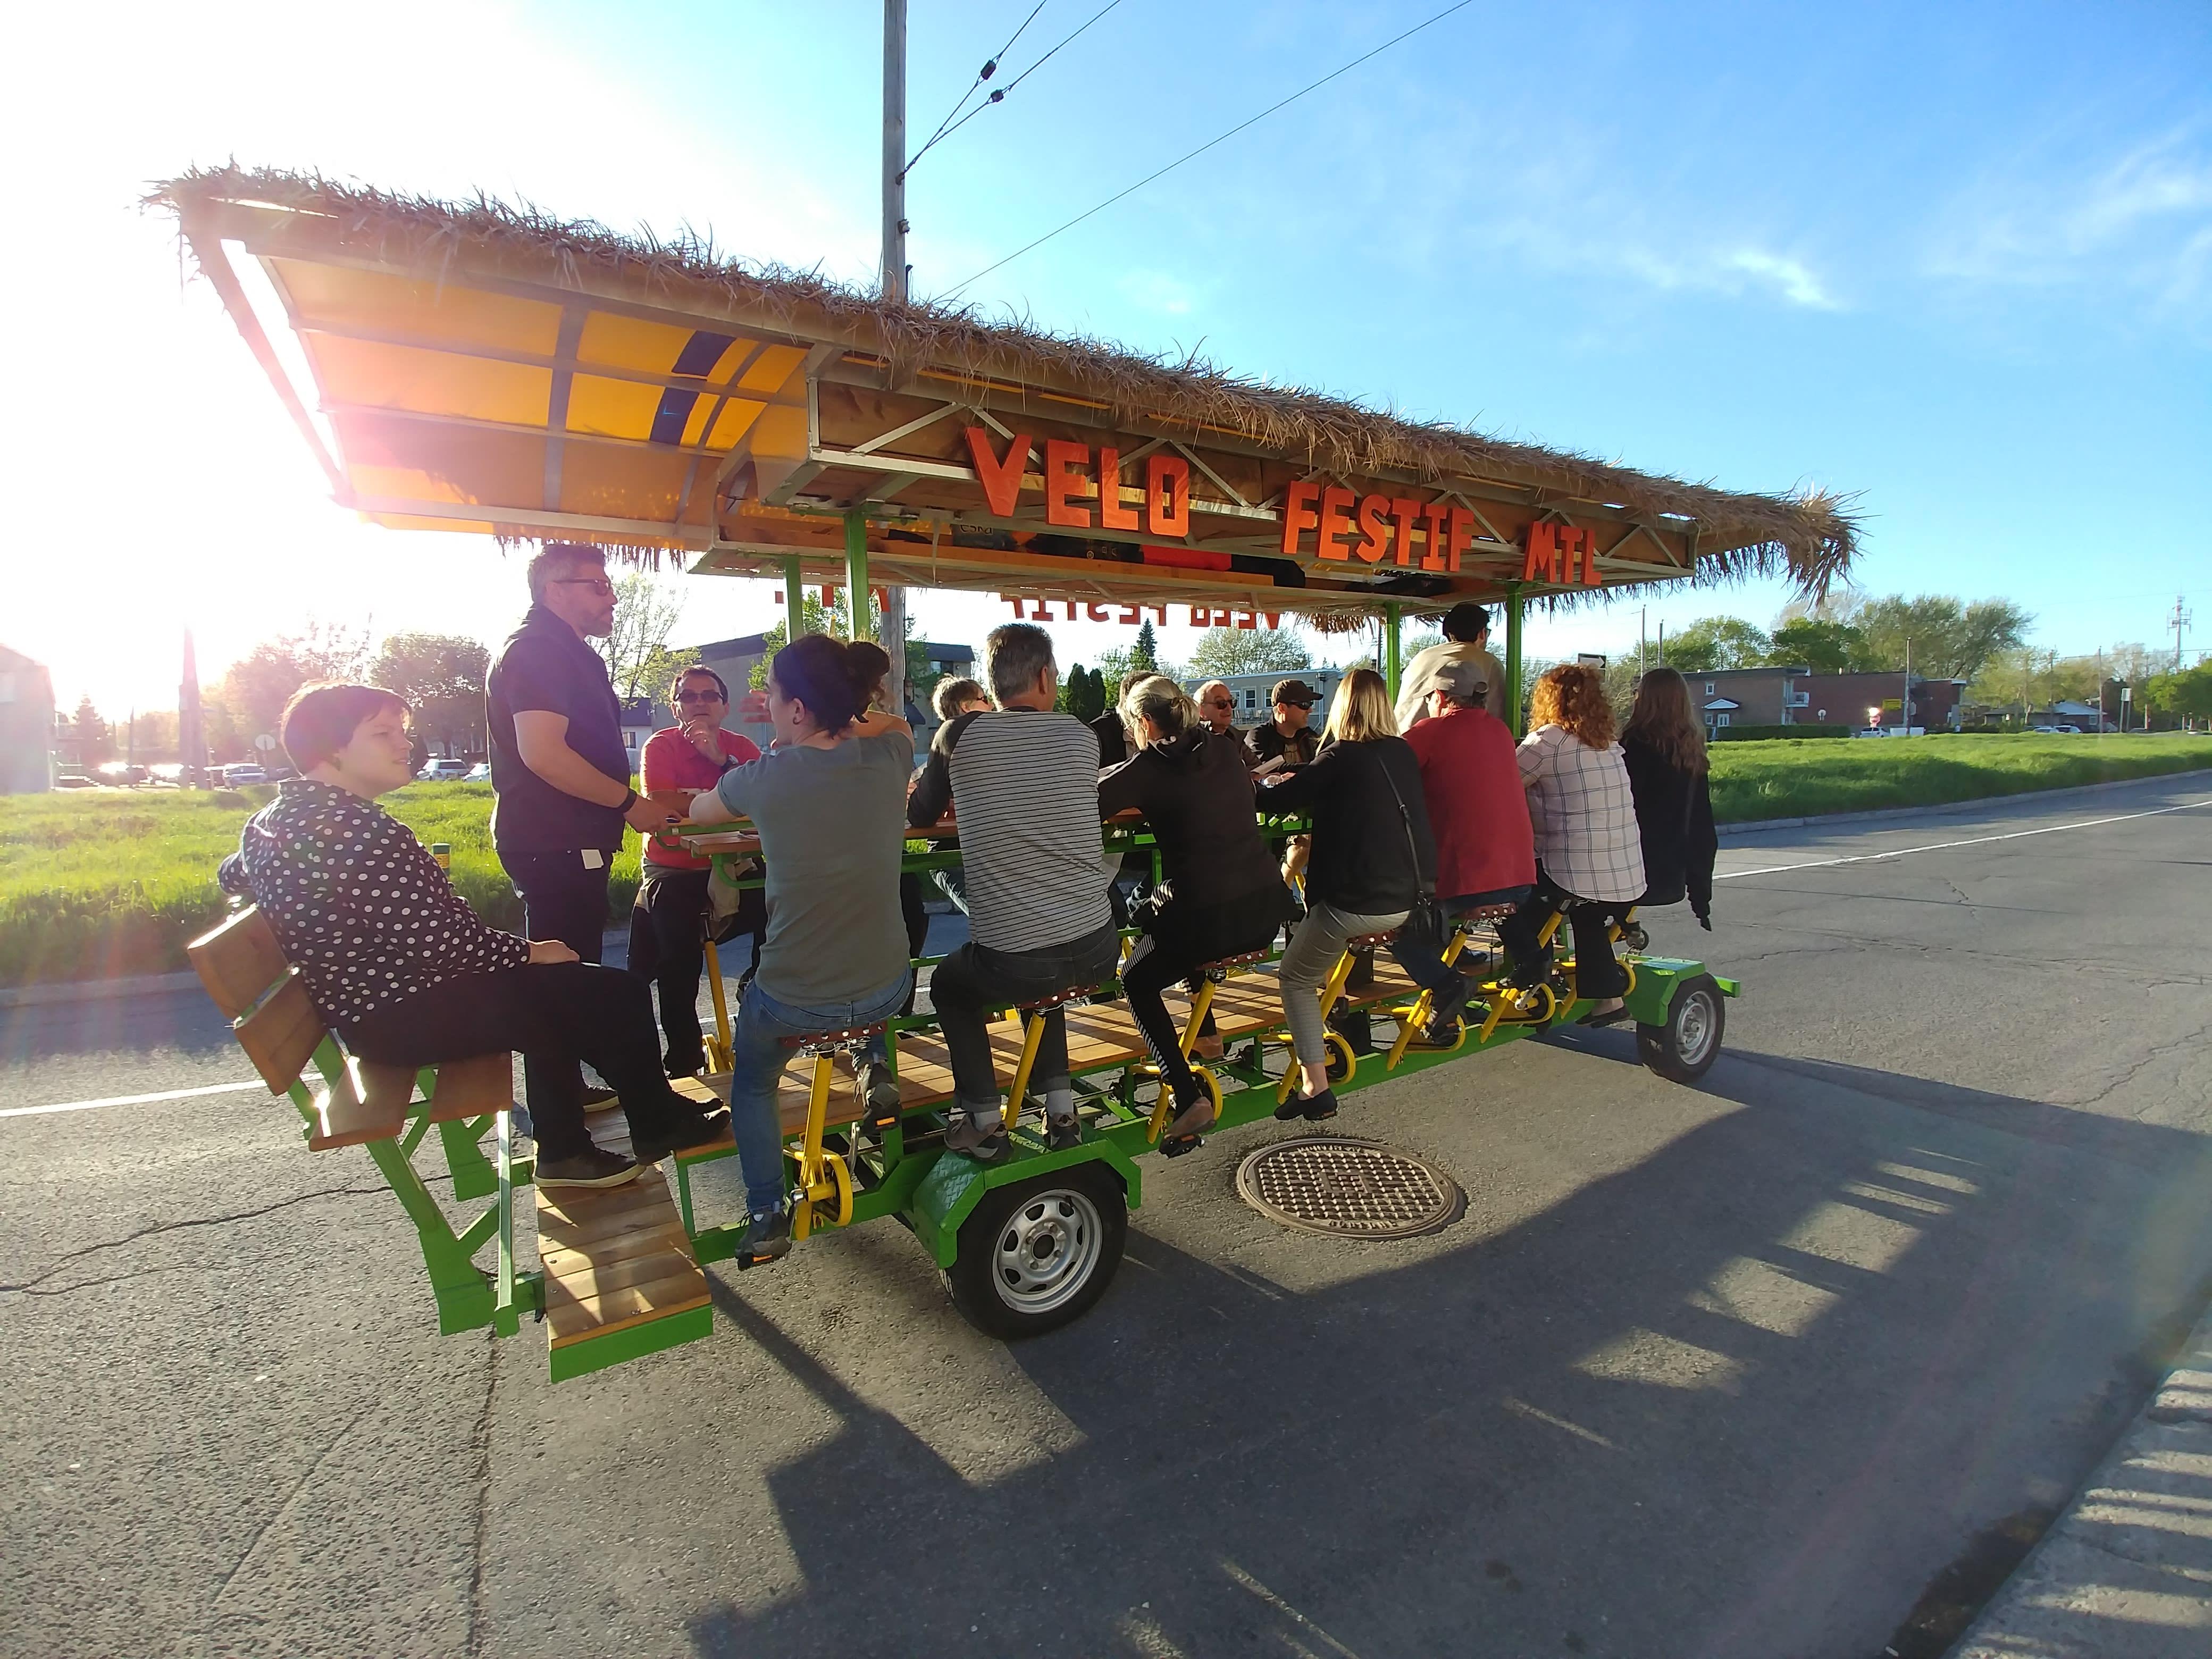 Des citoyens sur le vélo-festif découvrent la friche ferroviaire à l'arrondissement de Rivière-des-Prairies-Pointe-aux-Trembles.